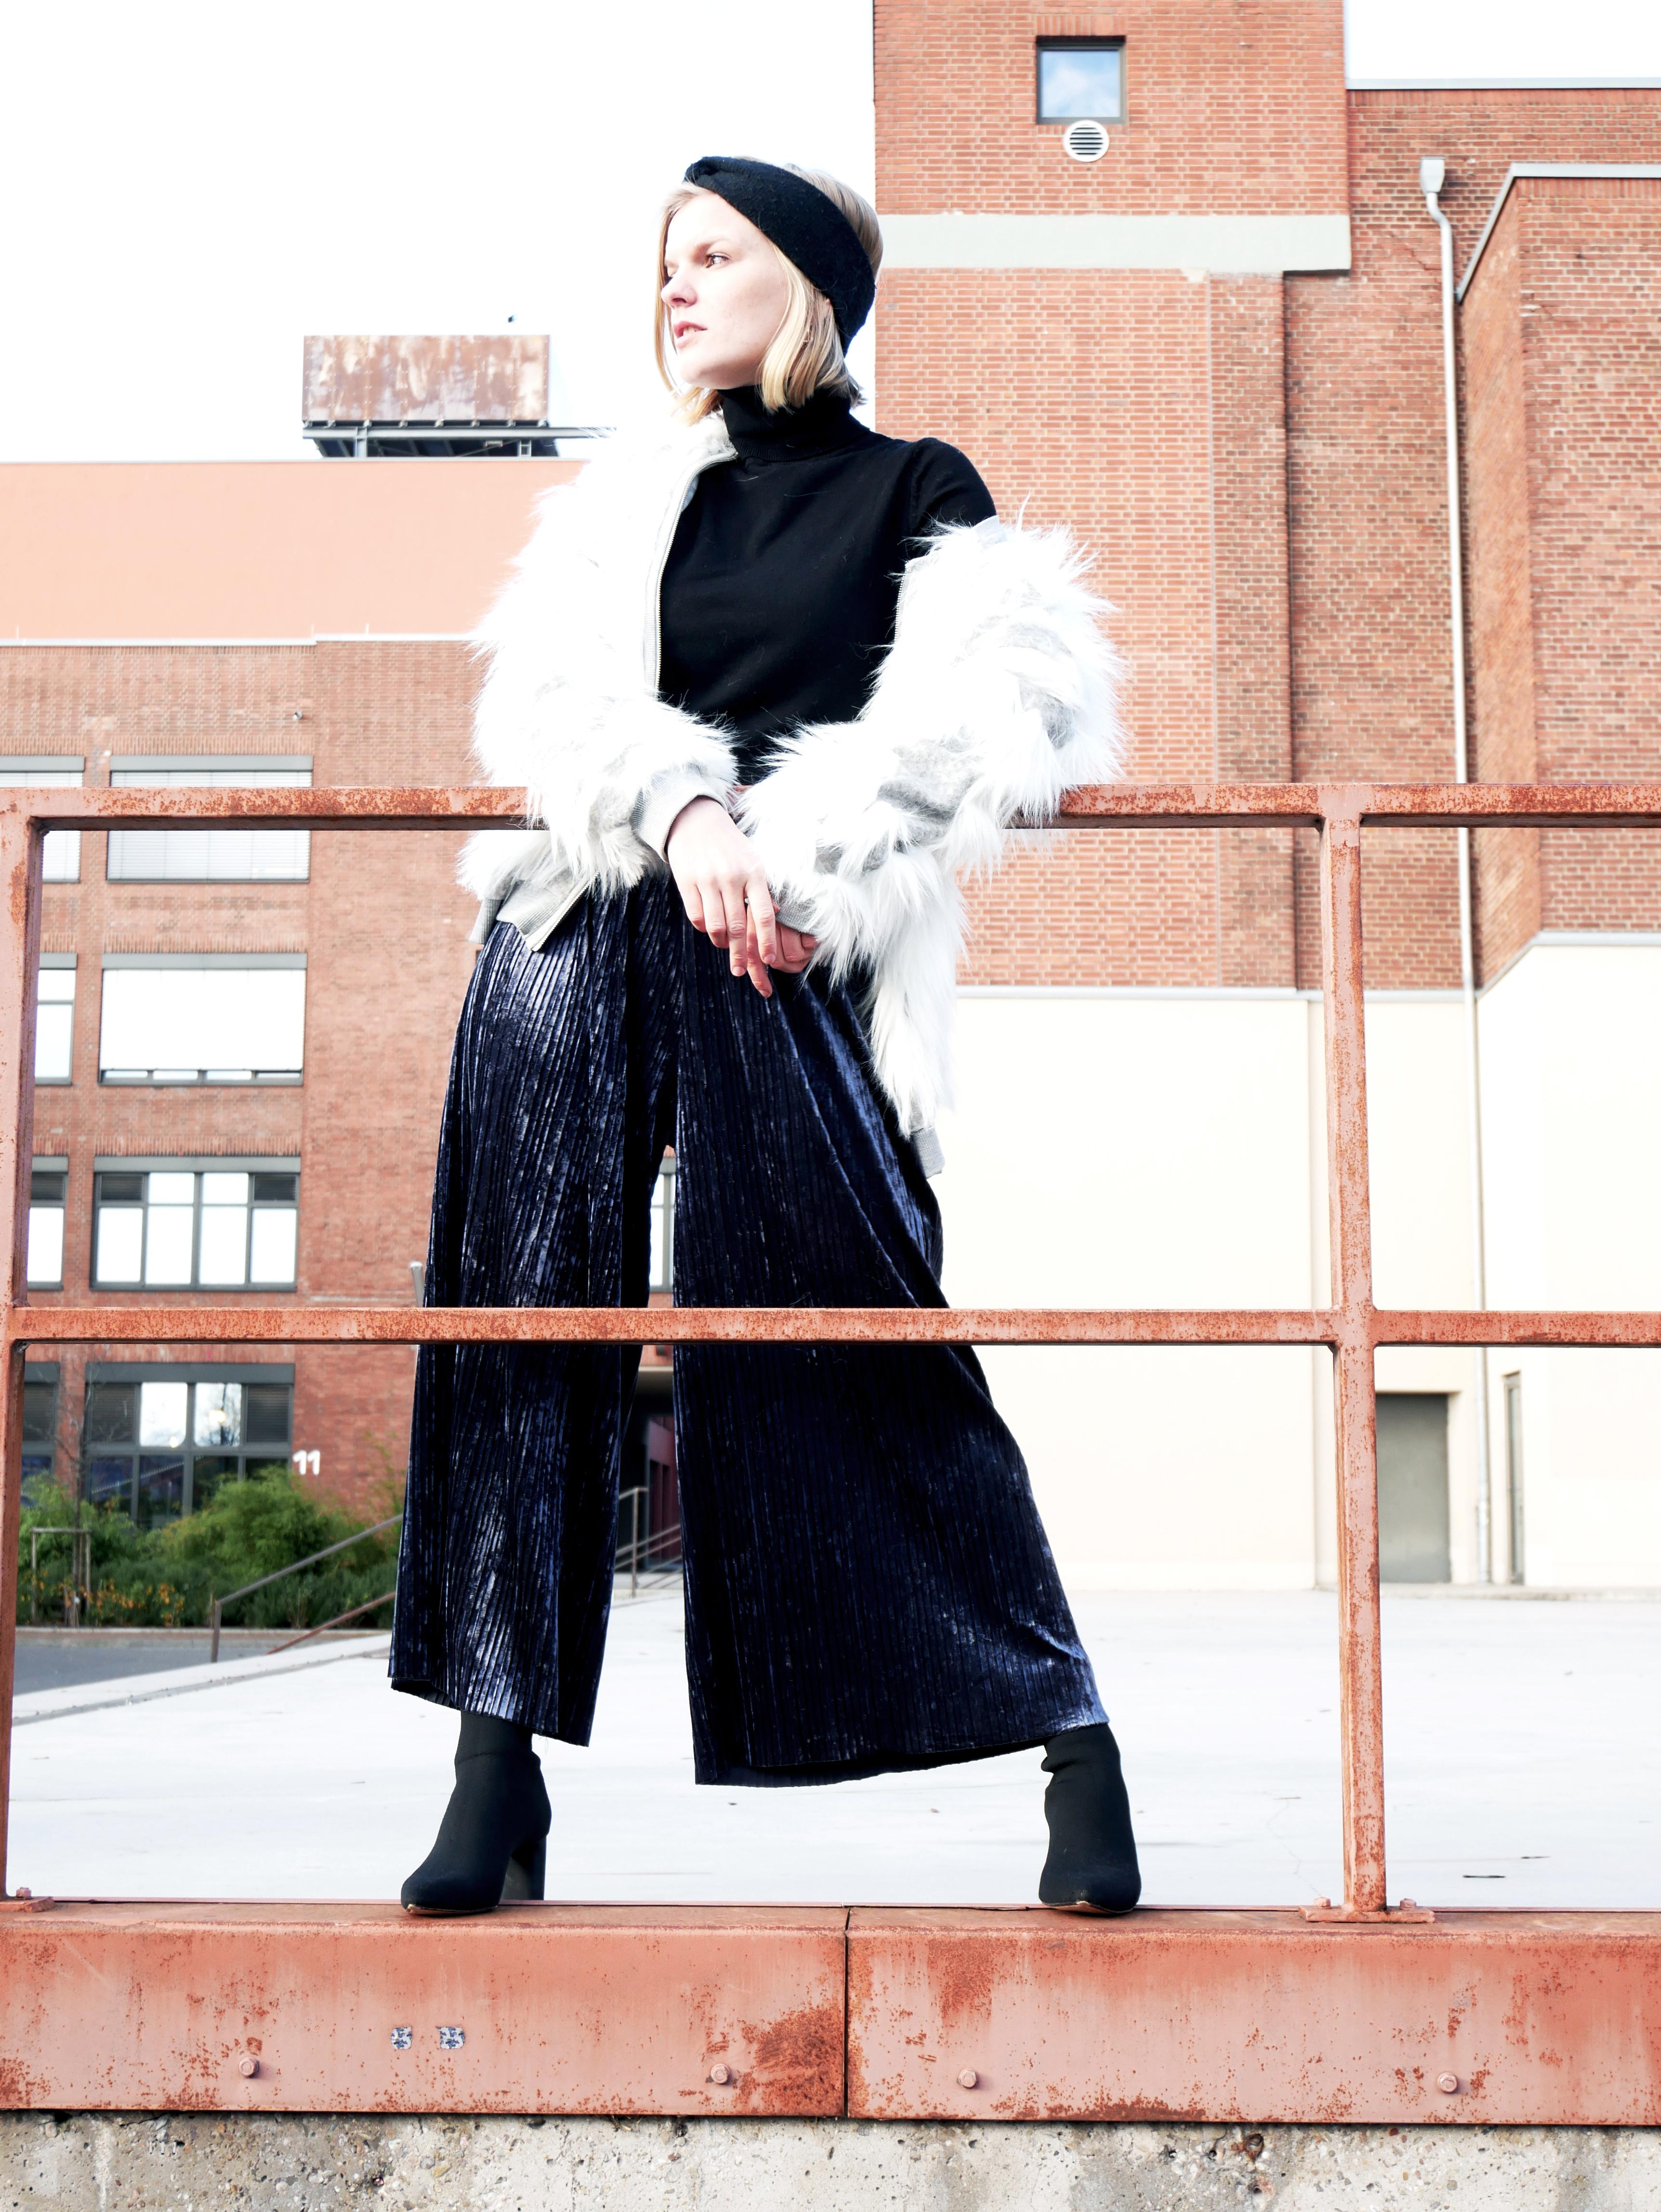 0e72e6518fe7d2 Crew Member Isabell wagt sich an eine außergewöhnliche Materialkombination.  Sie stylt ihre Fake Fur Jacke zu einer schimmernden Culotte in Samtoptik  und ...